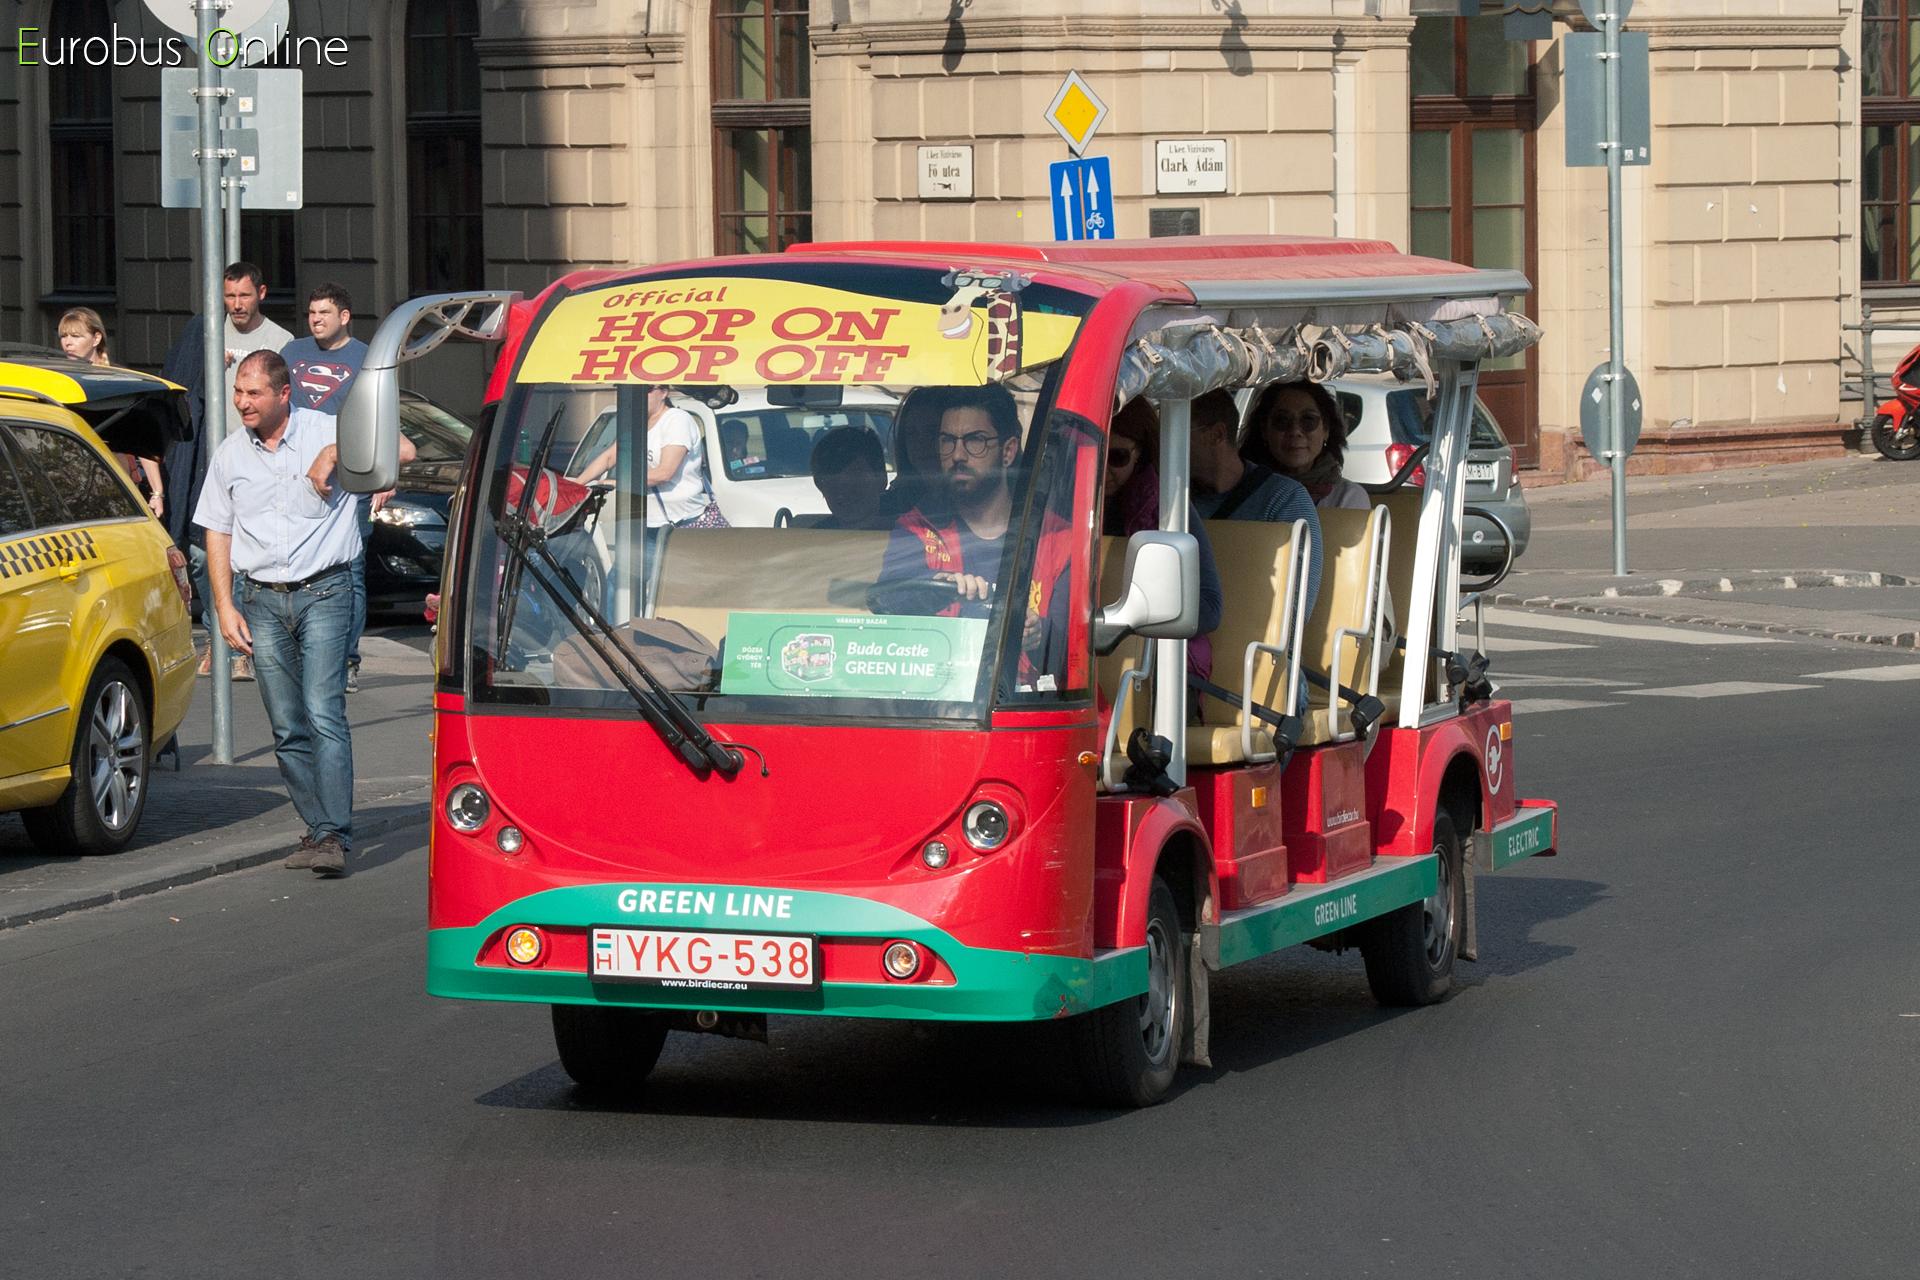 A pesti és budai vonalak közt cserélve voltak a kocsik, az YKG-538 a Clak Ádám tér körforgalmában, a Budai Vár felé haladva.